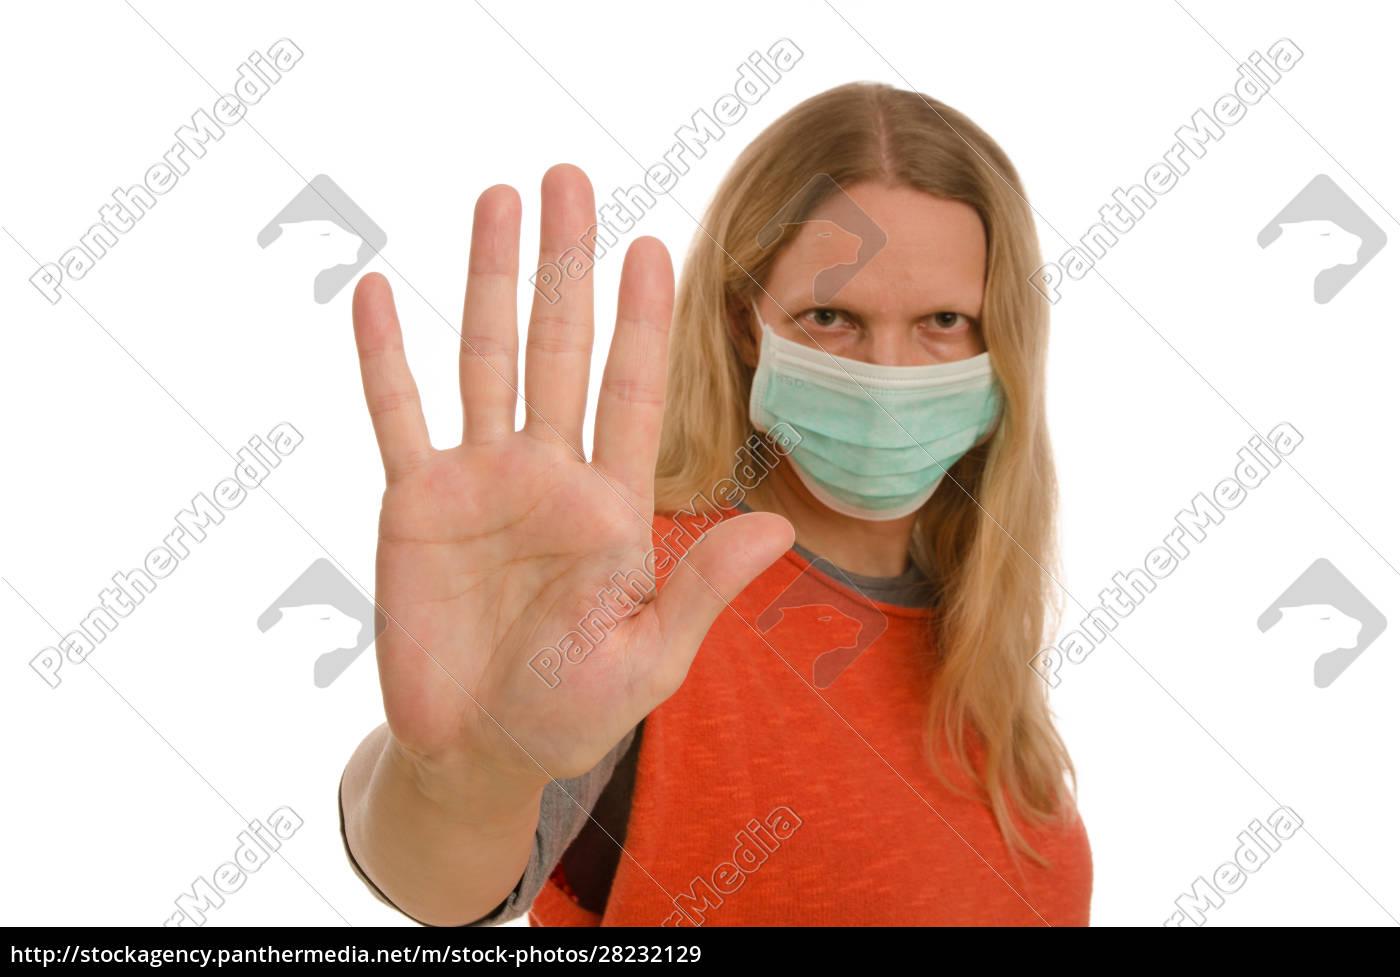 frau, mit, mundschutz, und, maske - 28232129